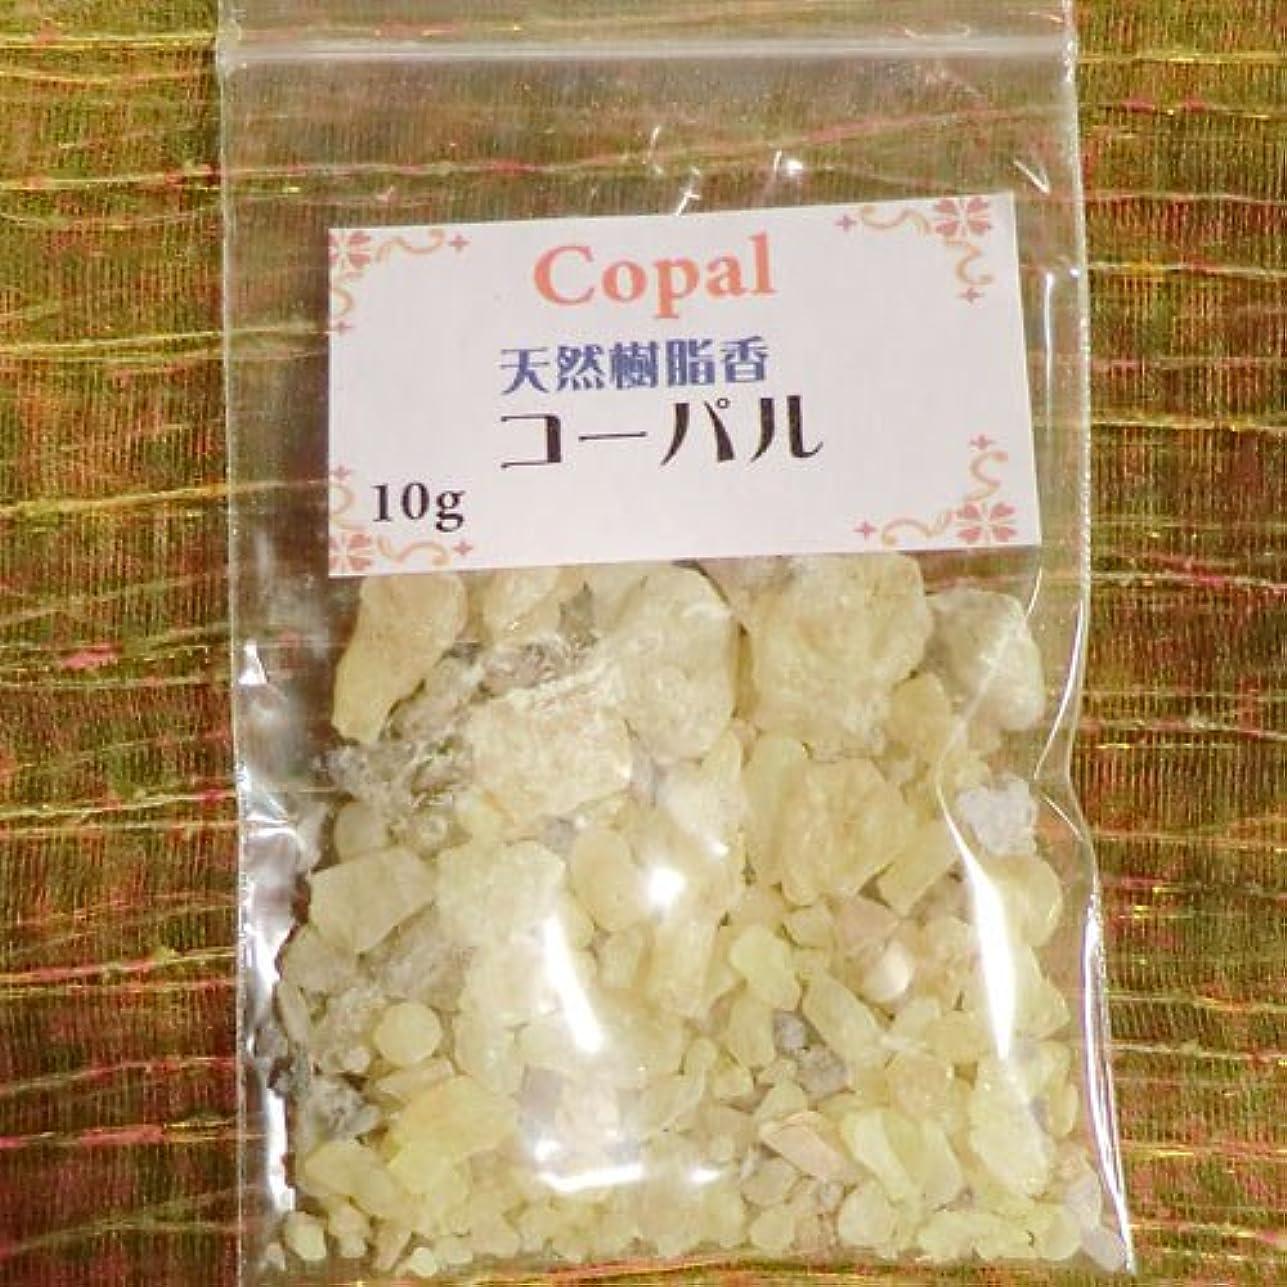 ディーラーバイアス便利さコーパル COPAL (天然樹脂香) (コーパル, 10g)